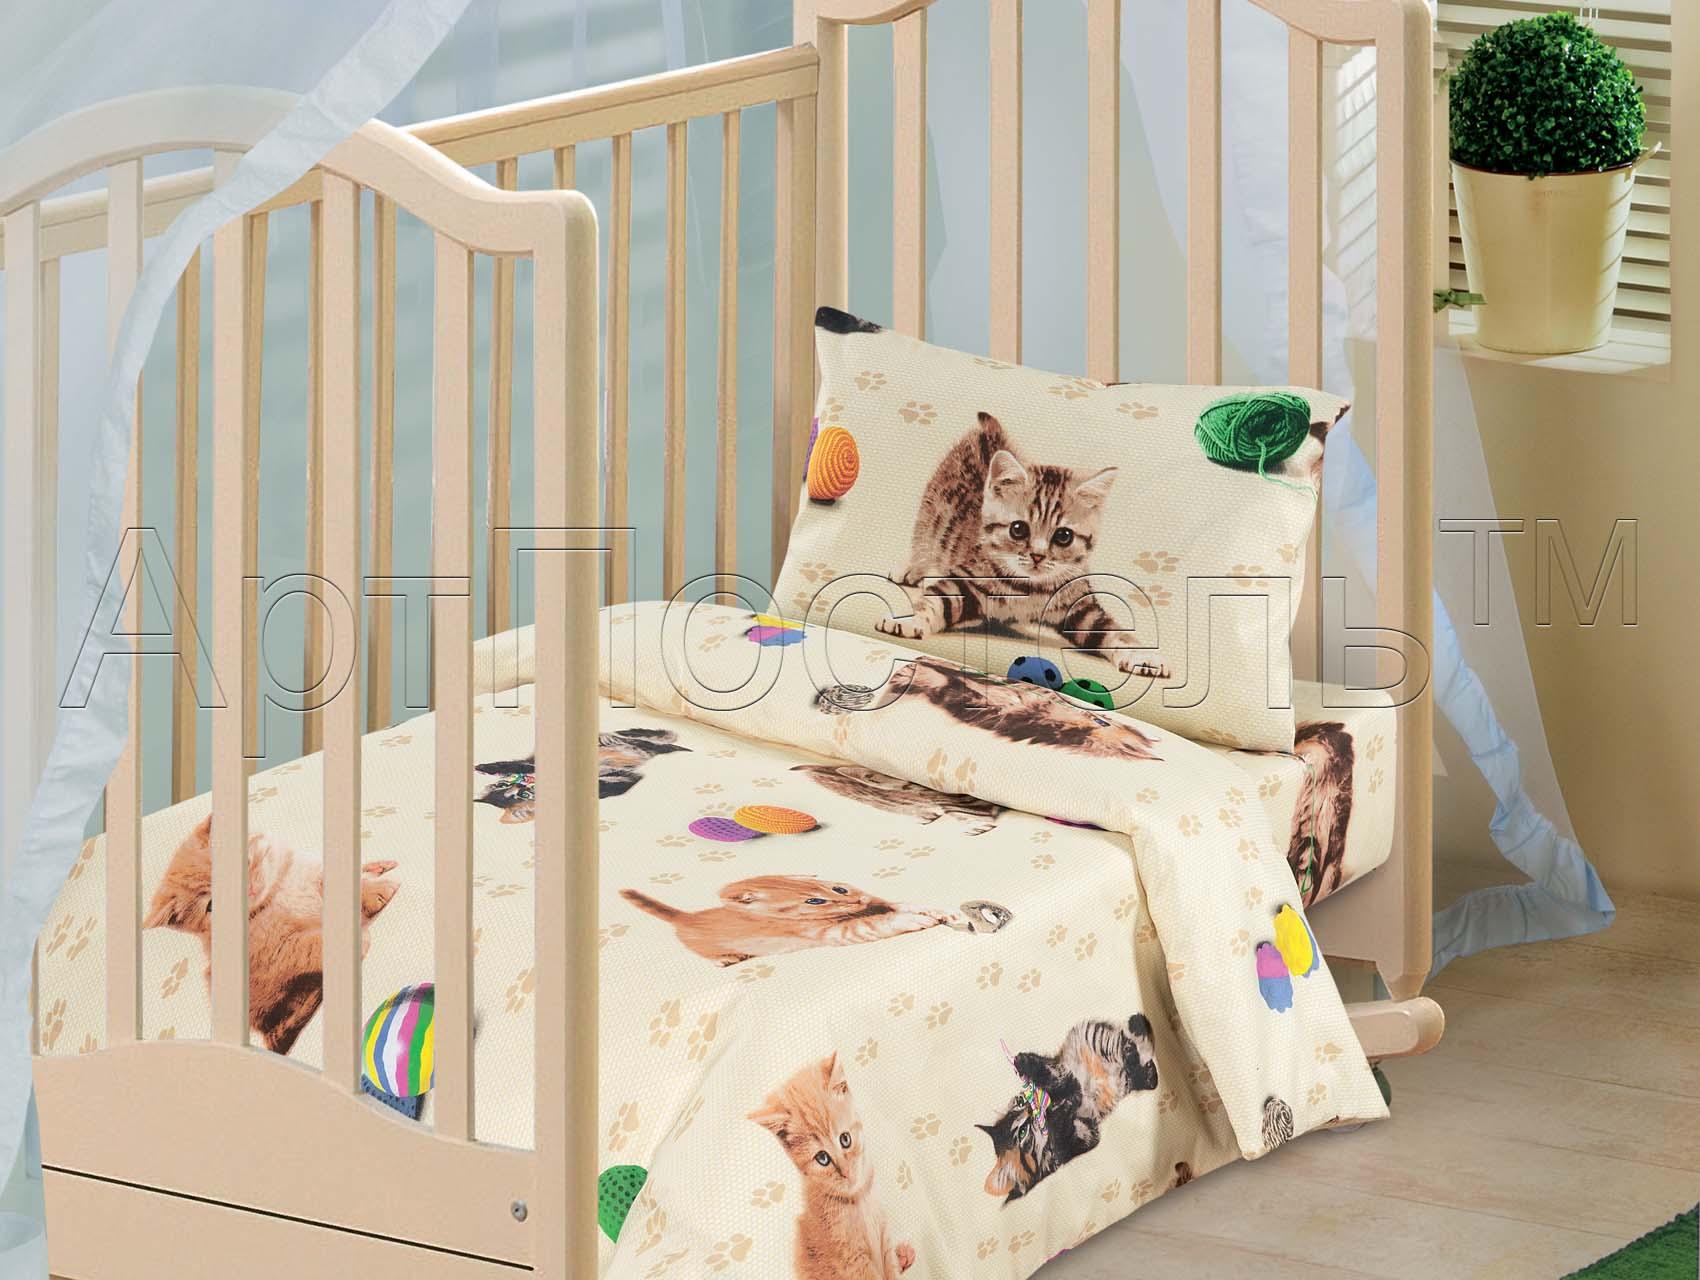 Детский комплект  Усатый-полосатый , размер Ясельный - Постельное белье артикул: 7810